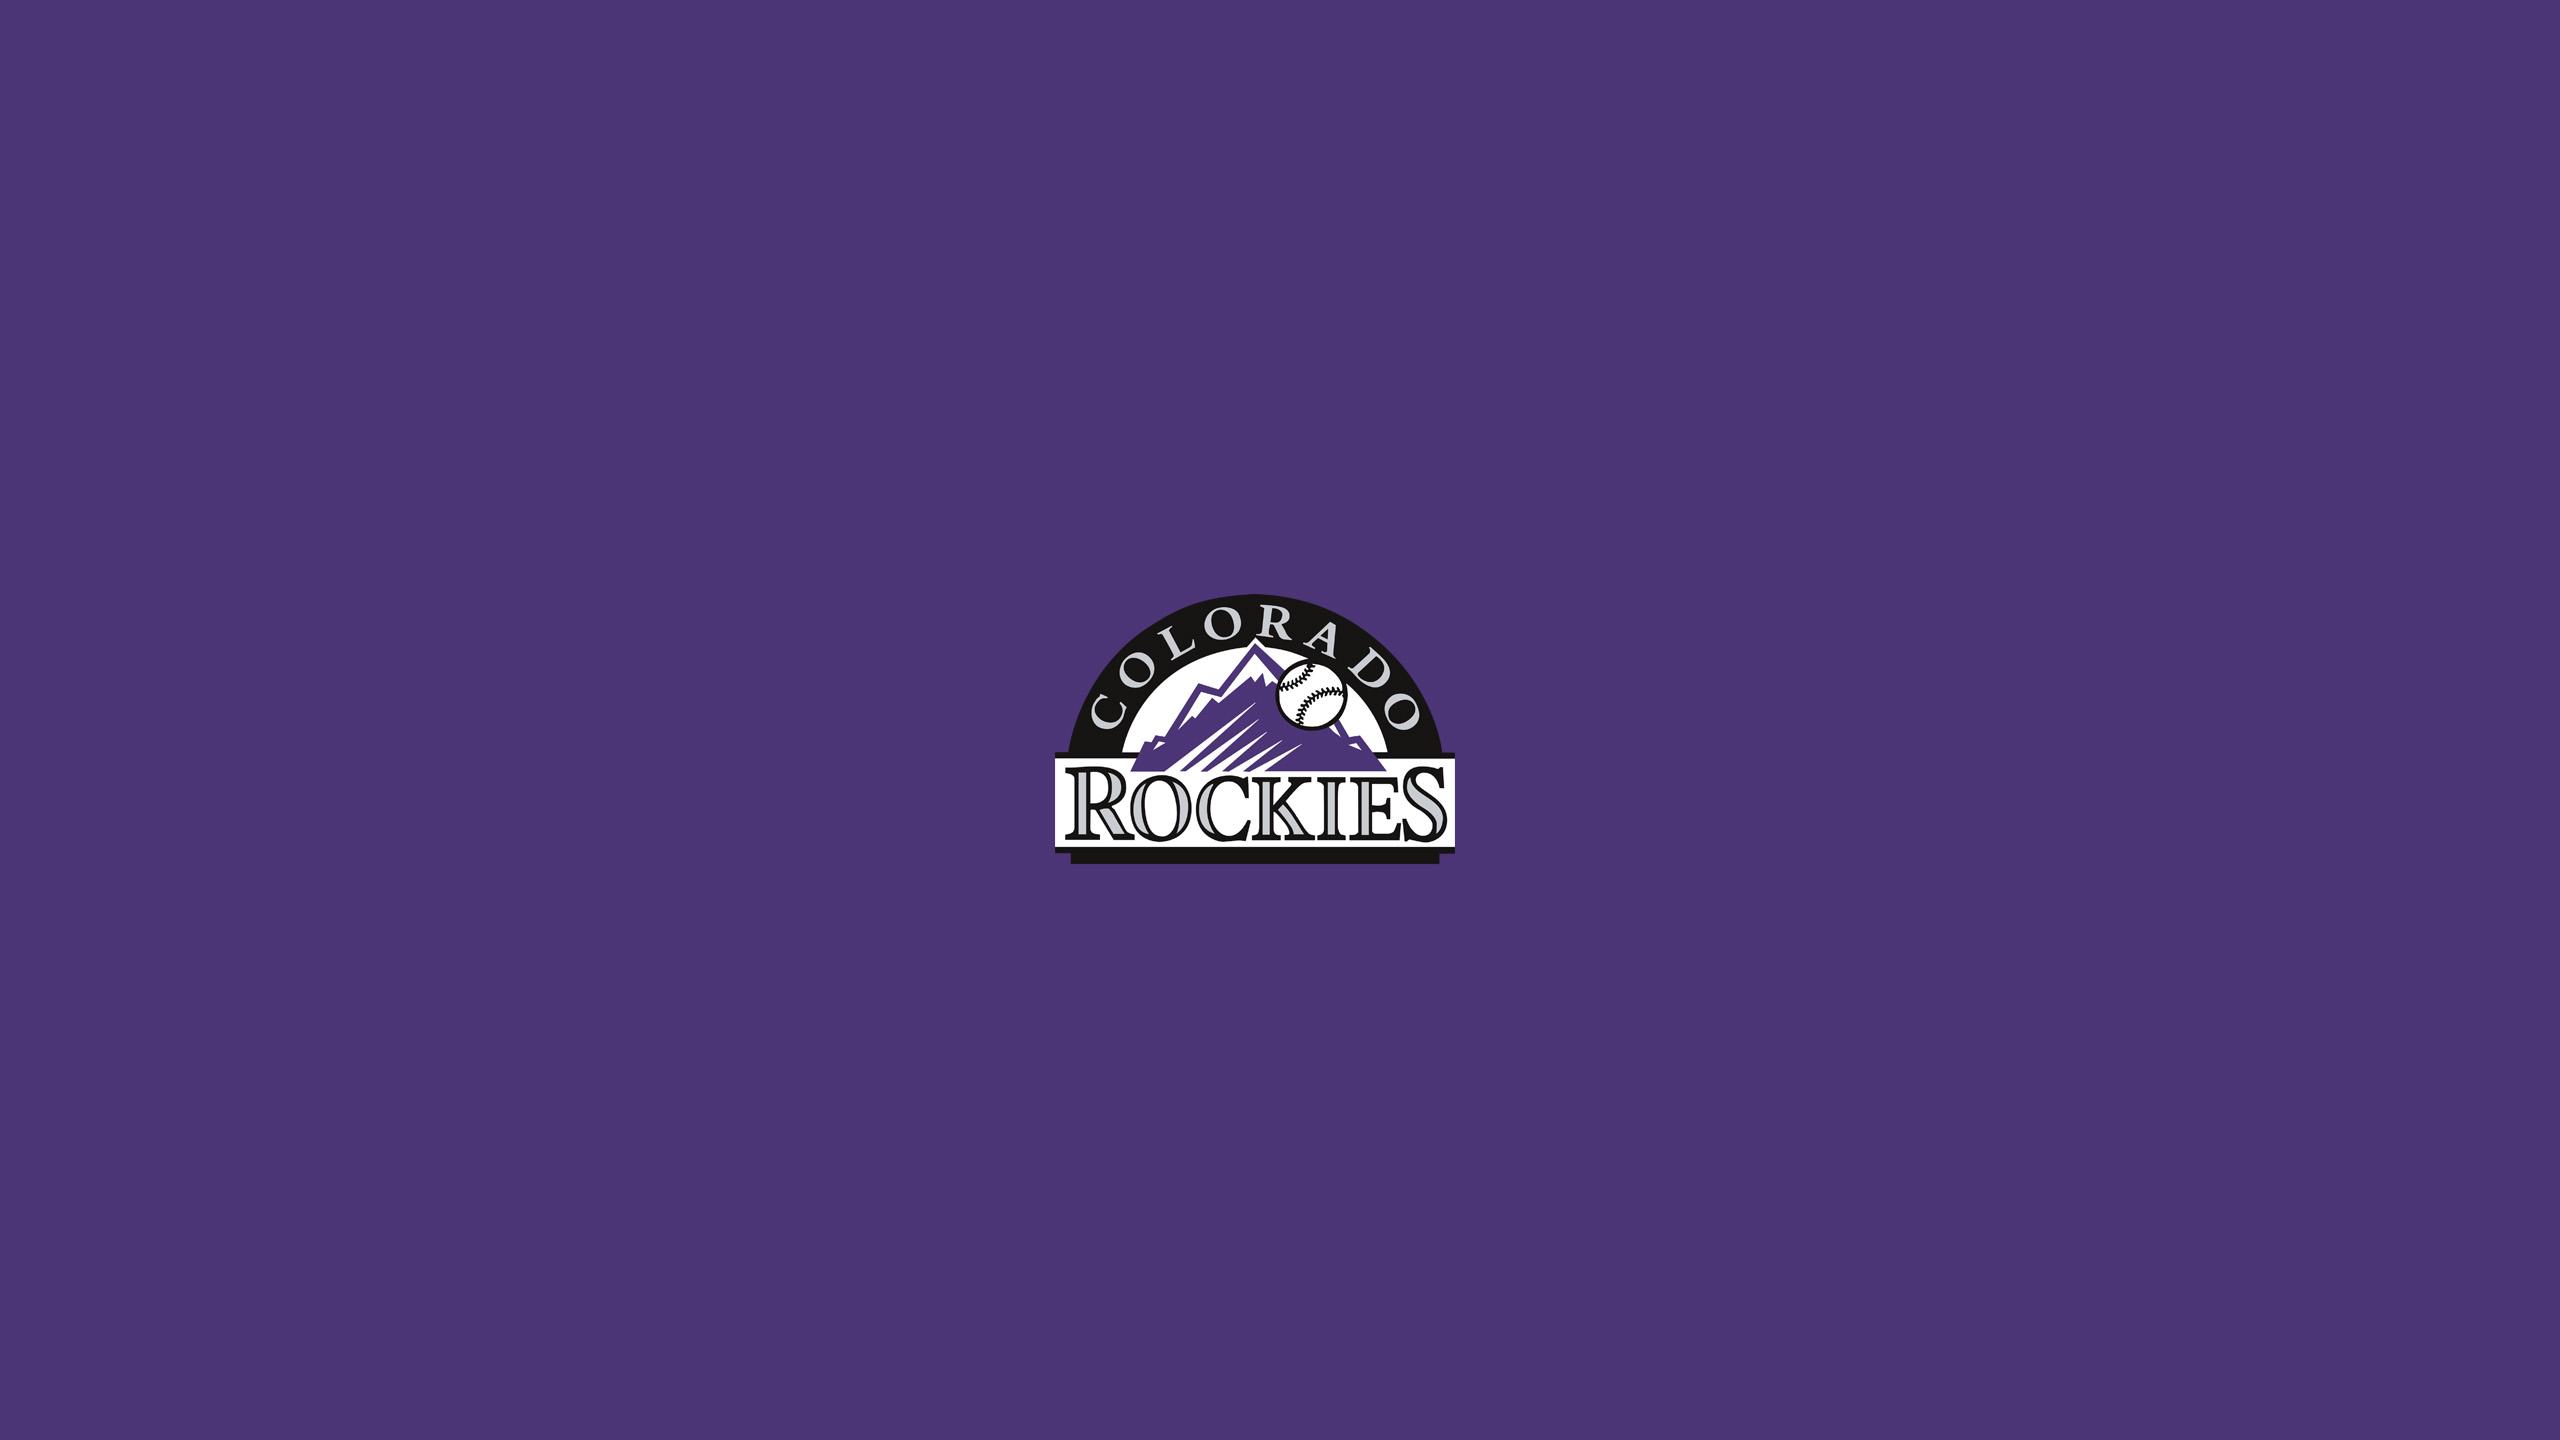 Colorado Rockies Wallpaper 2560x1440